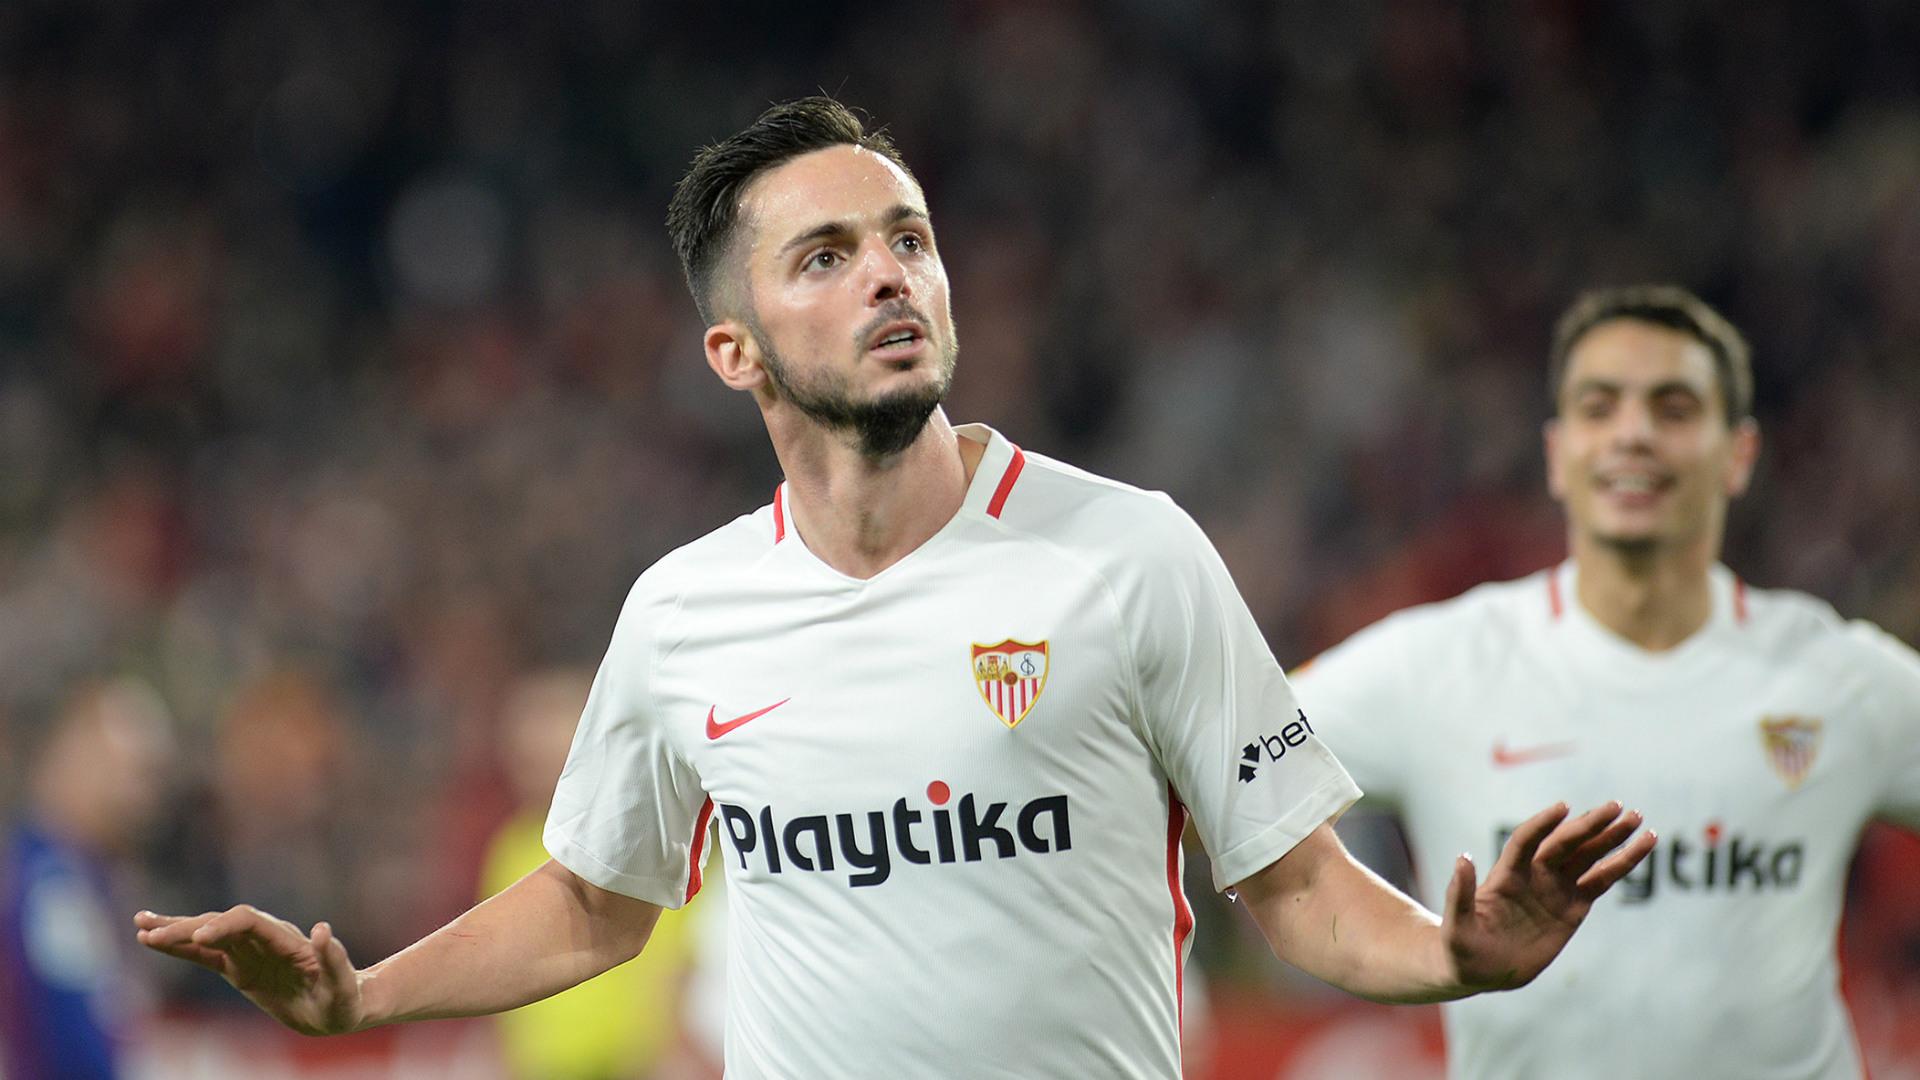 Mercato - PSG : Pablo Sarabia jusqu'en 2024 (officiel)